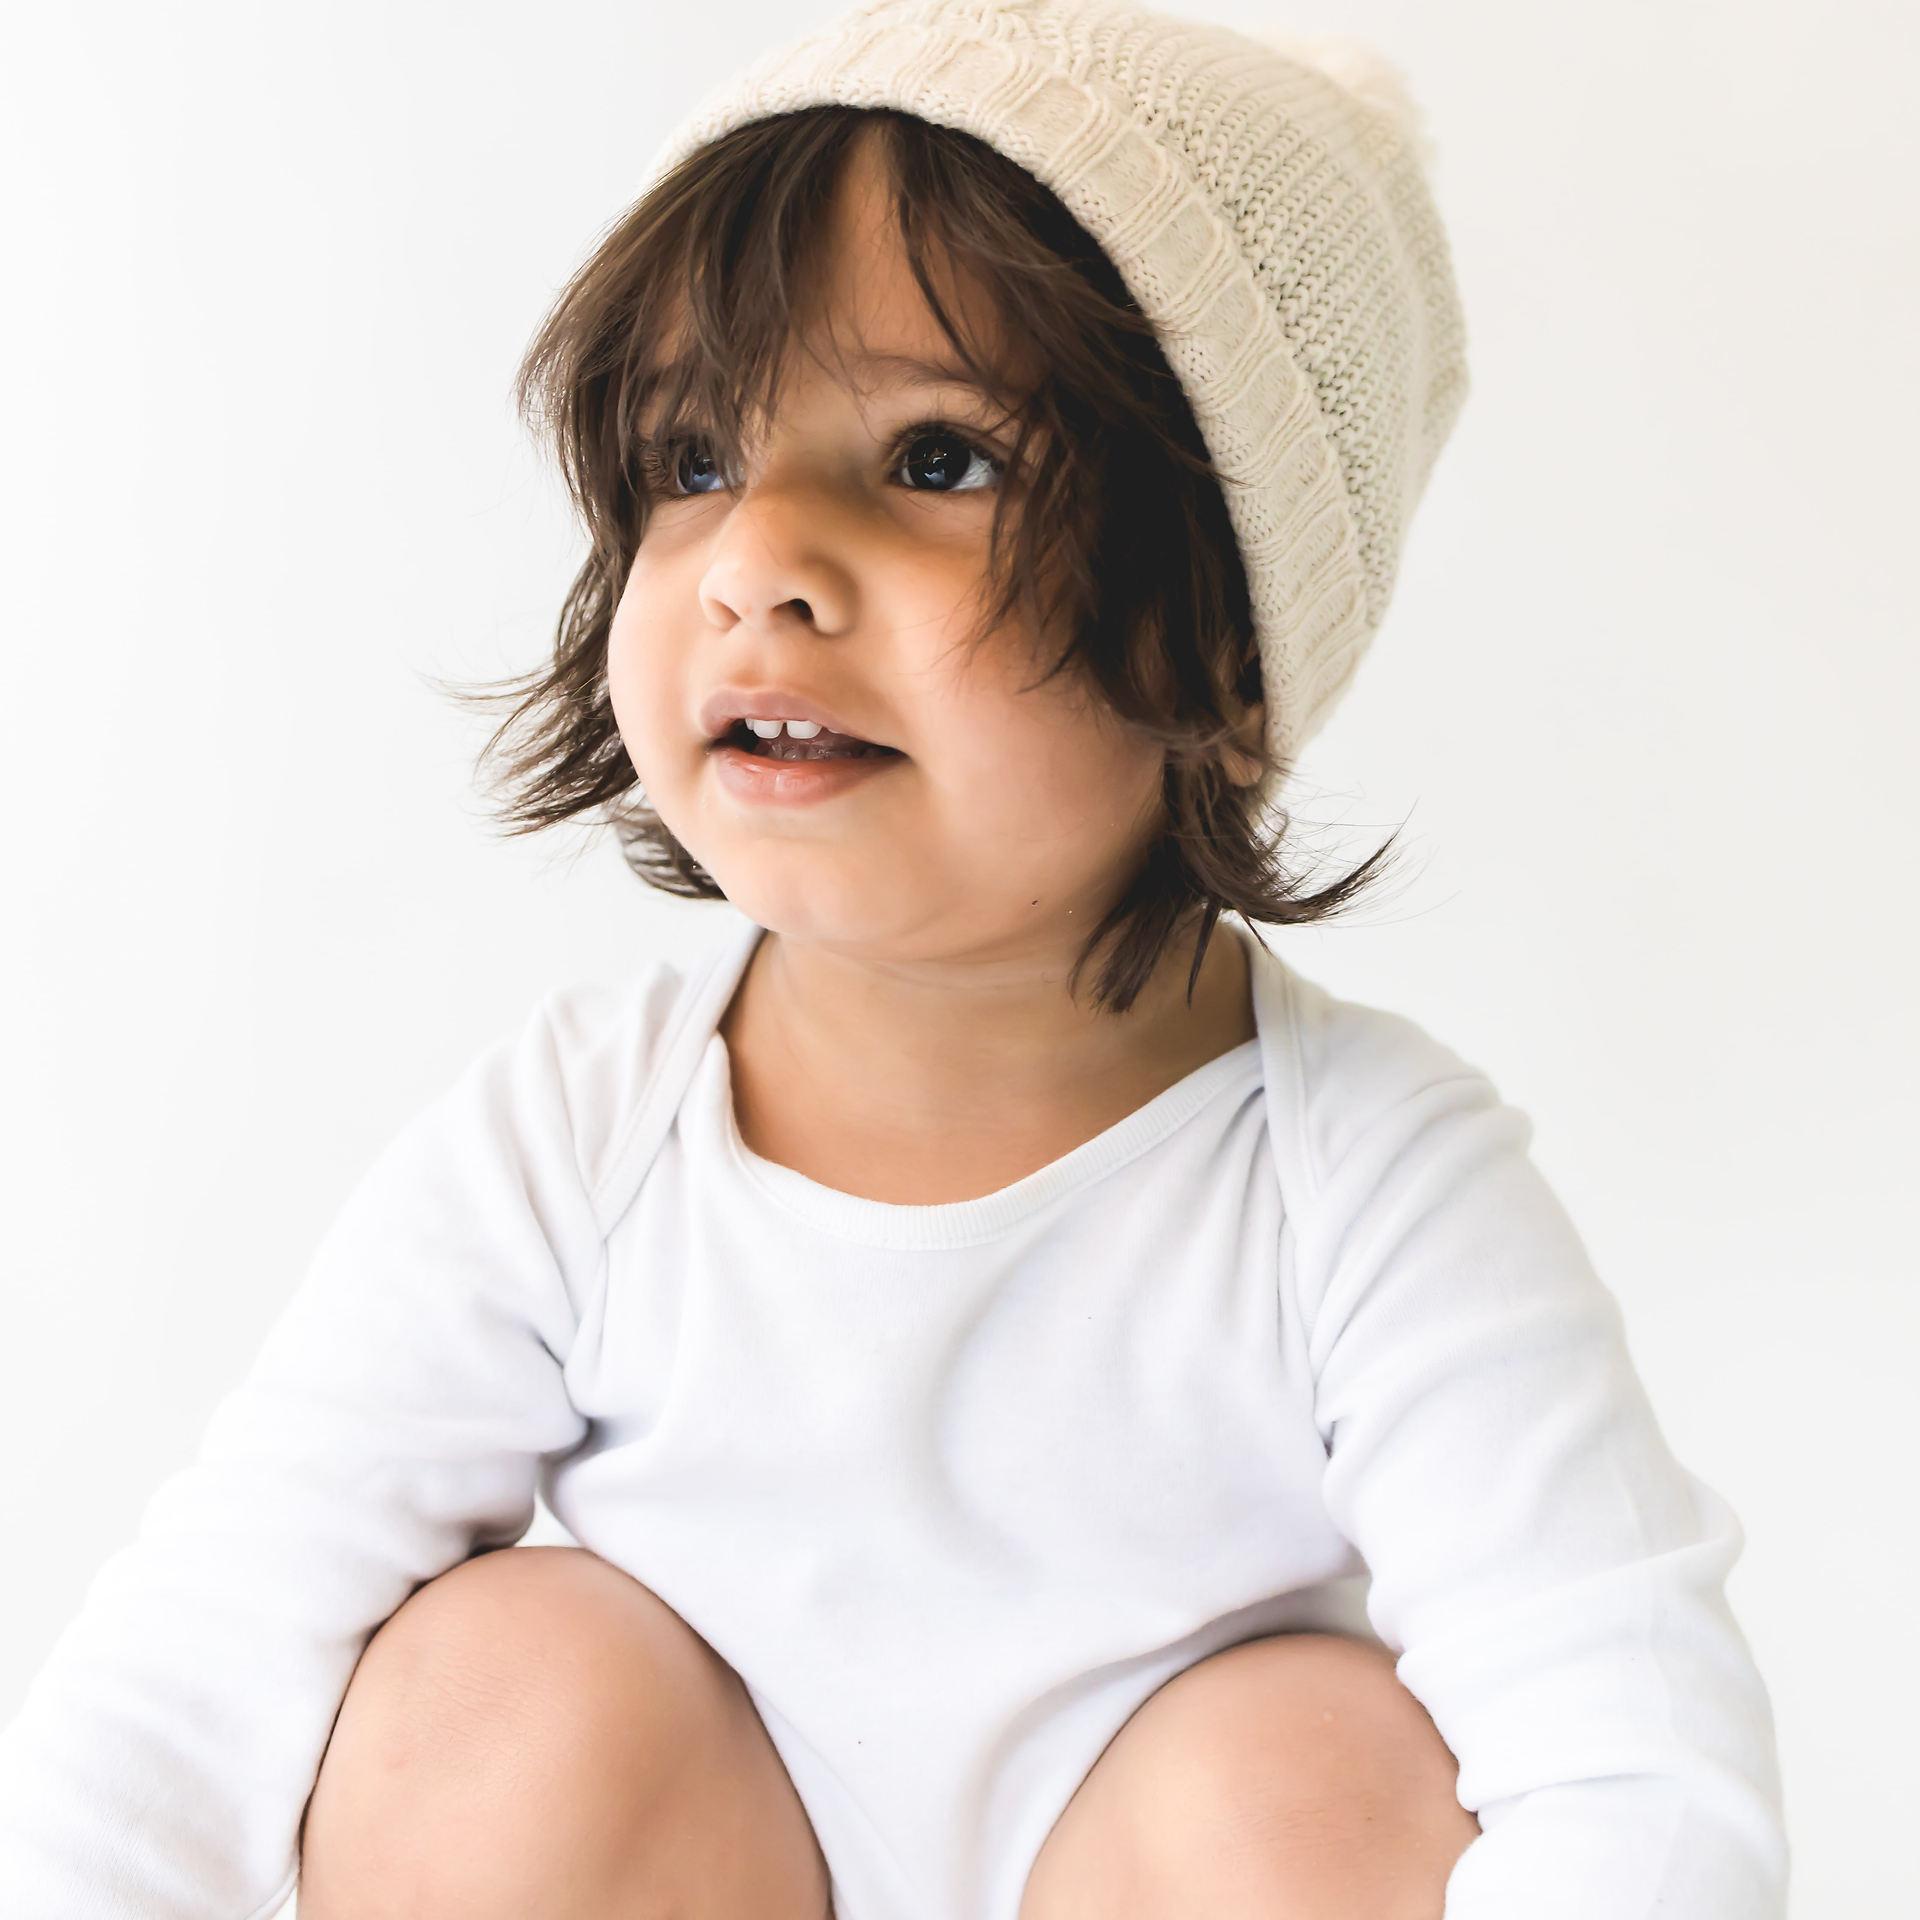 baby photographer Cheshire